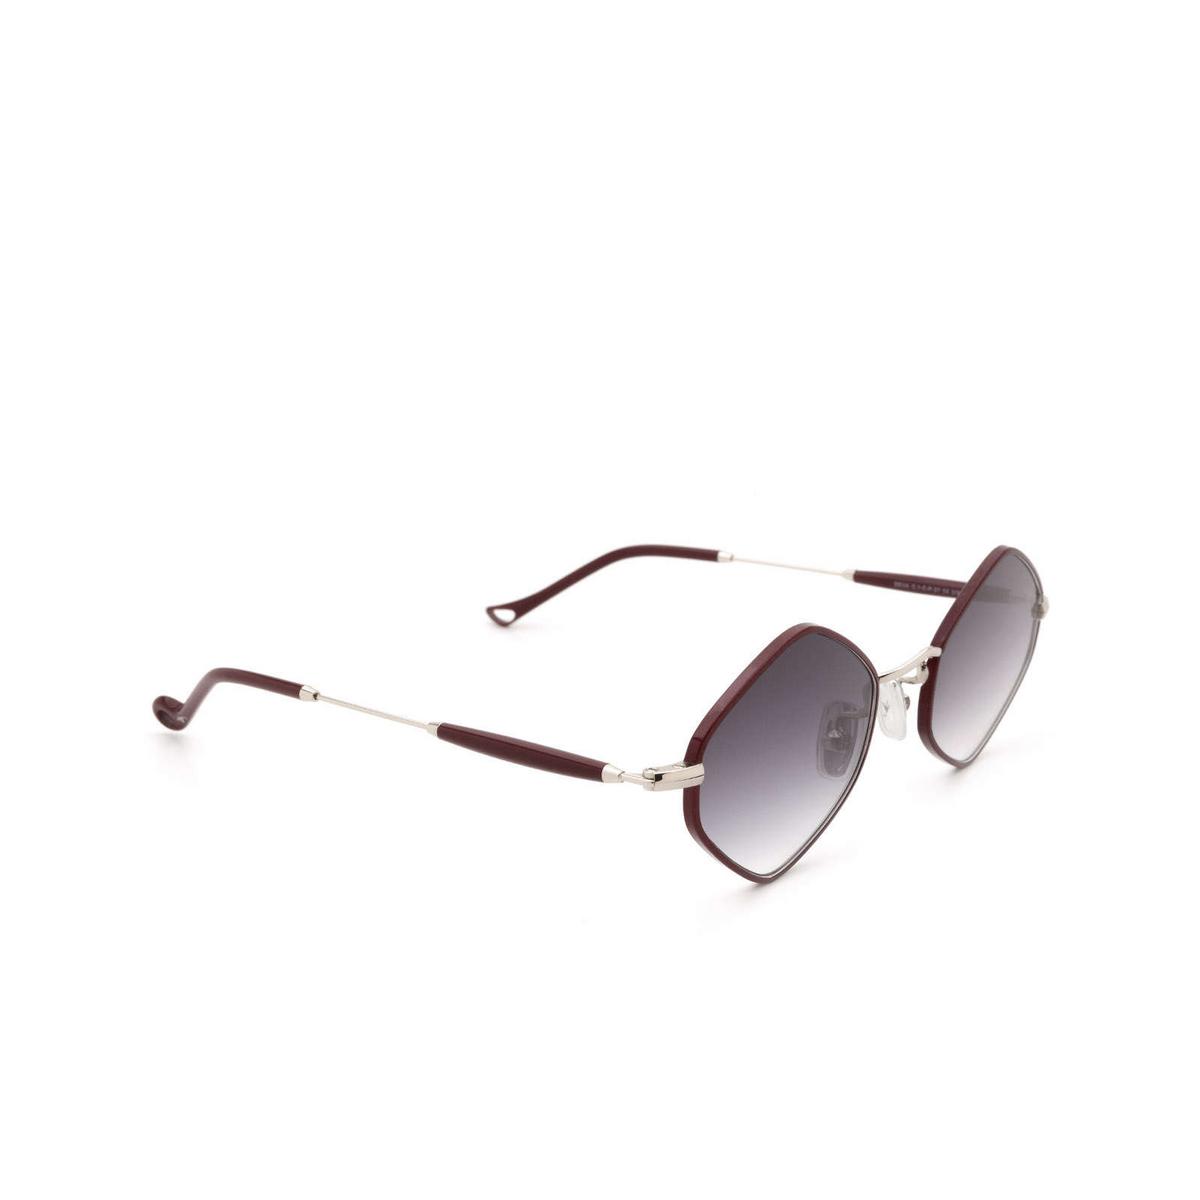 eyepetizer-deux-c1-c-p-27 (1)